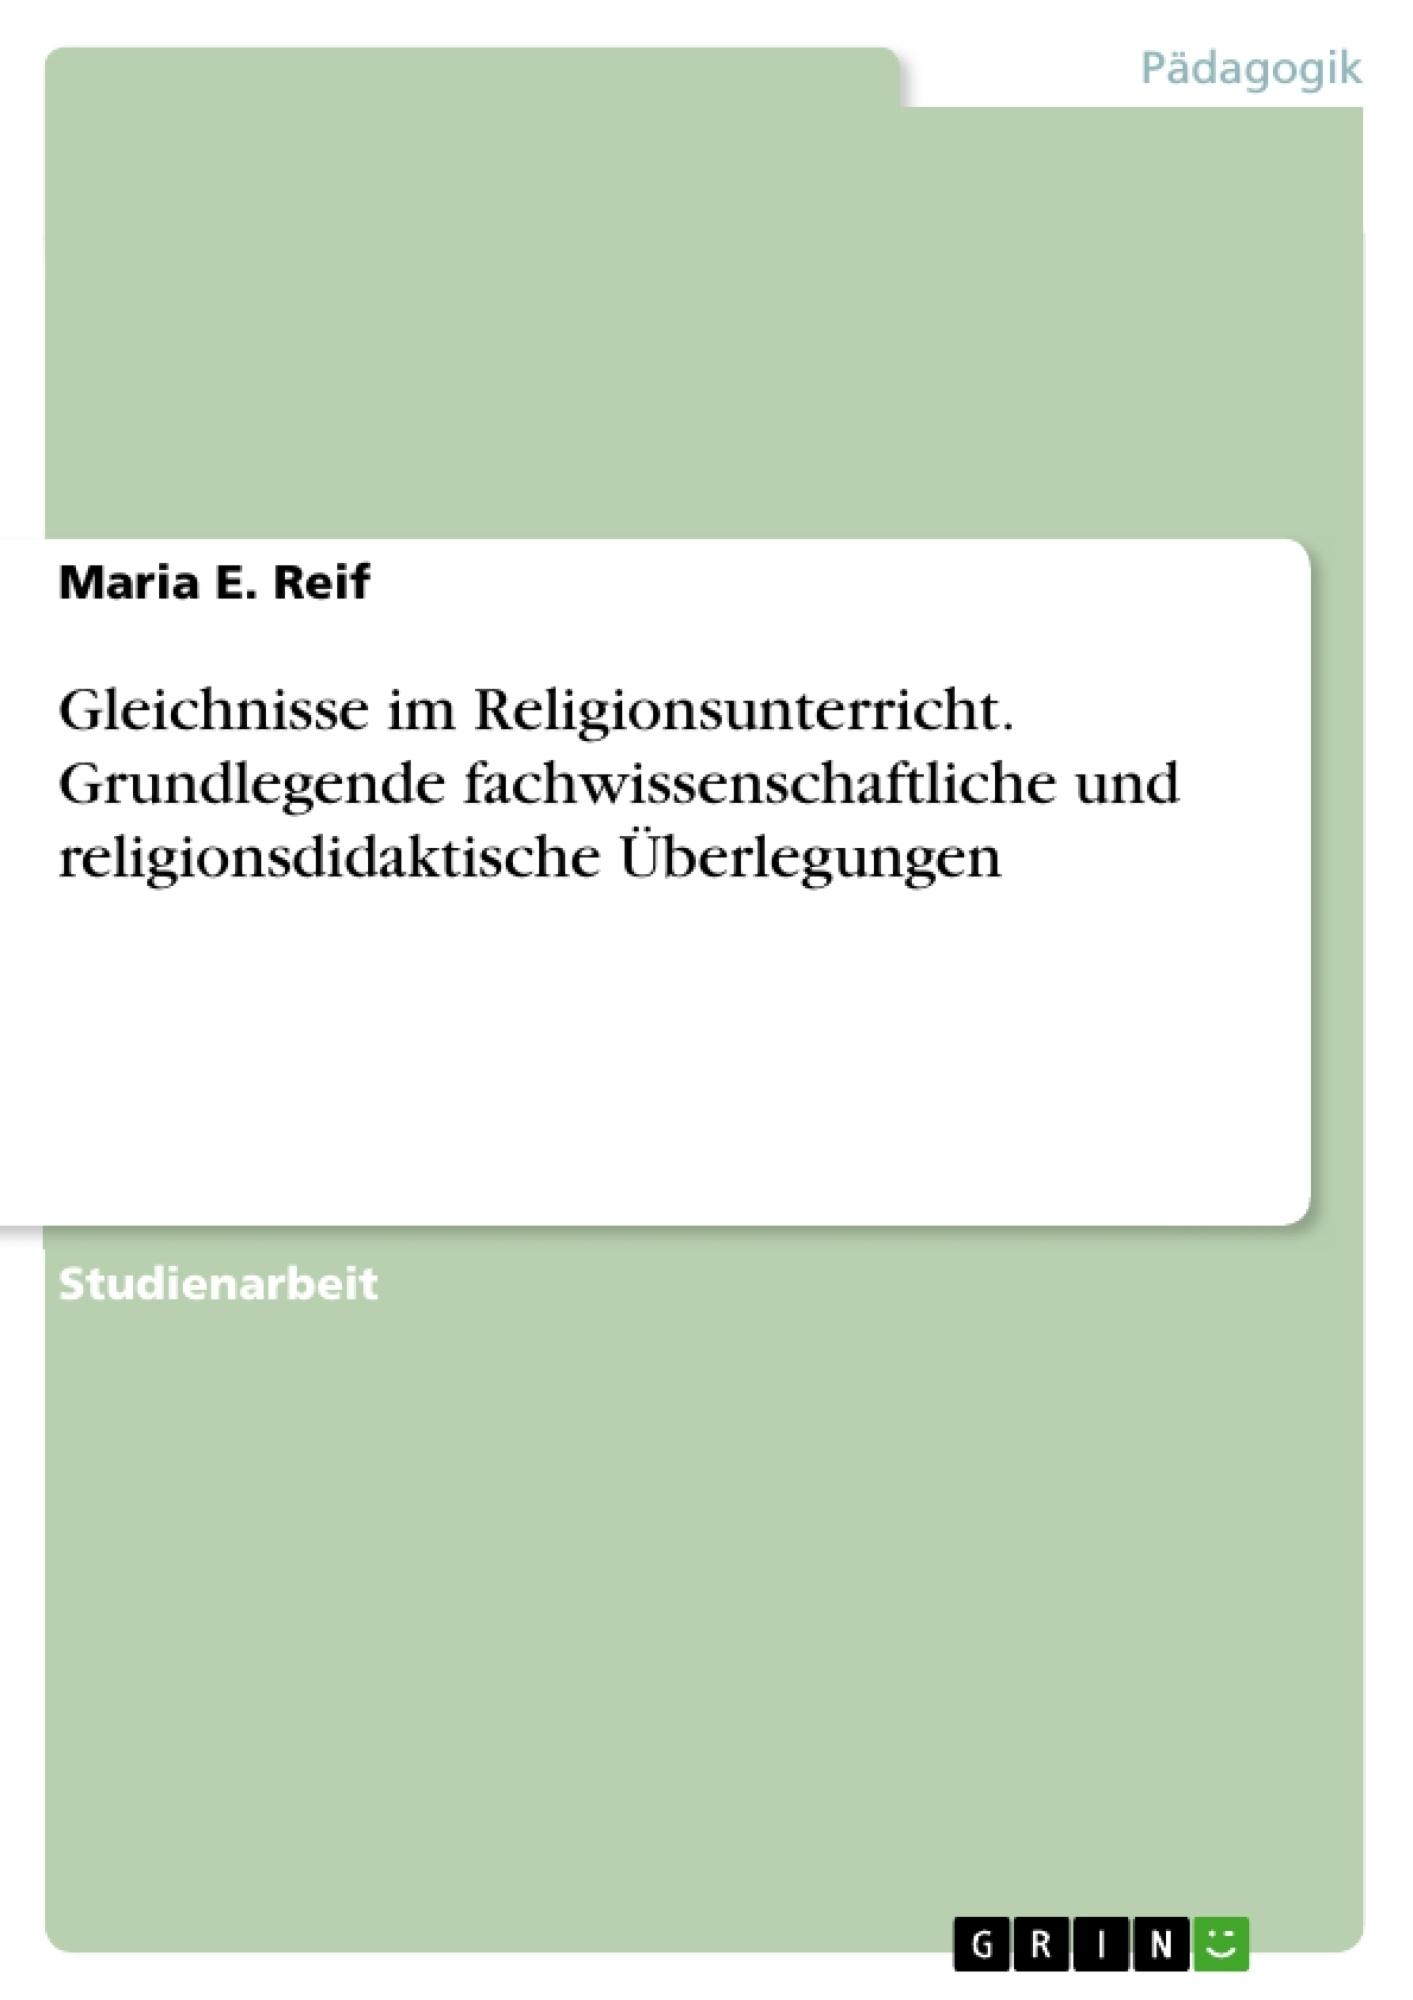 Titel: Gleichnisse im Religionsunterricht. Grundlegende fachwissenschaftliche und religionsdidaktische Überlegungen